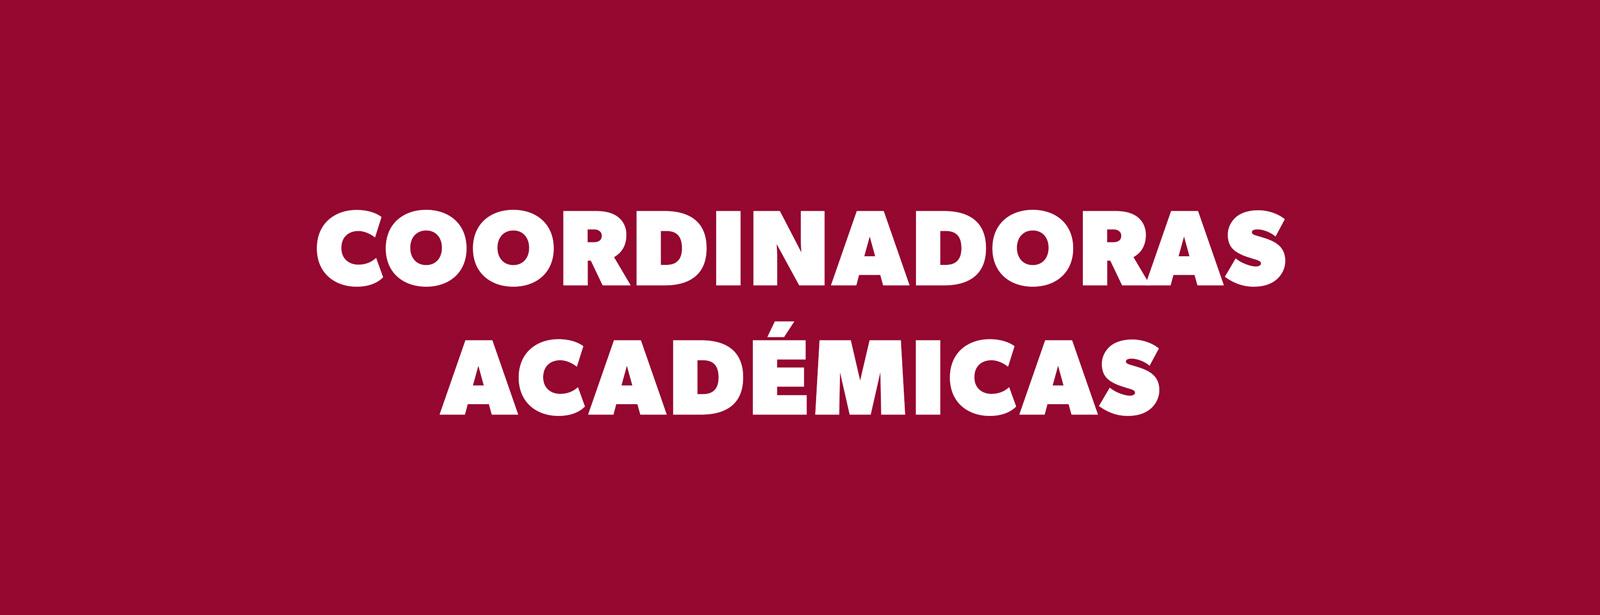 Coordinadoras Académicas de la Universidad de los Andes